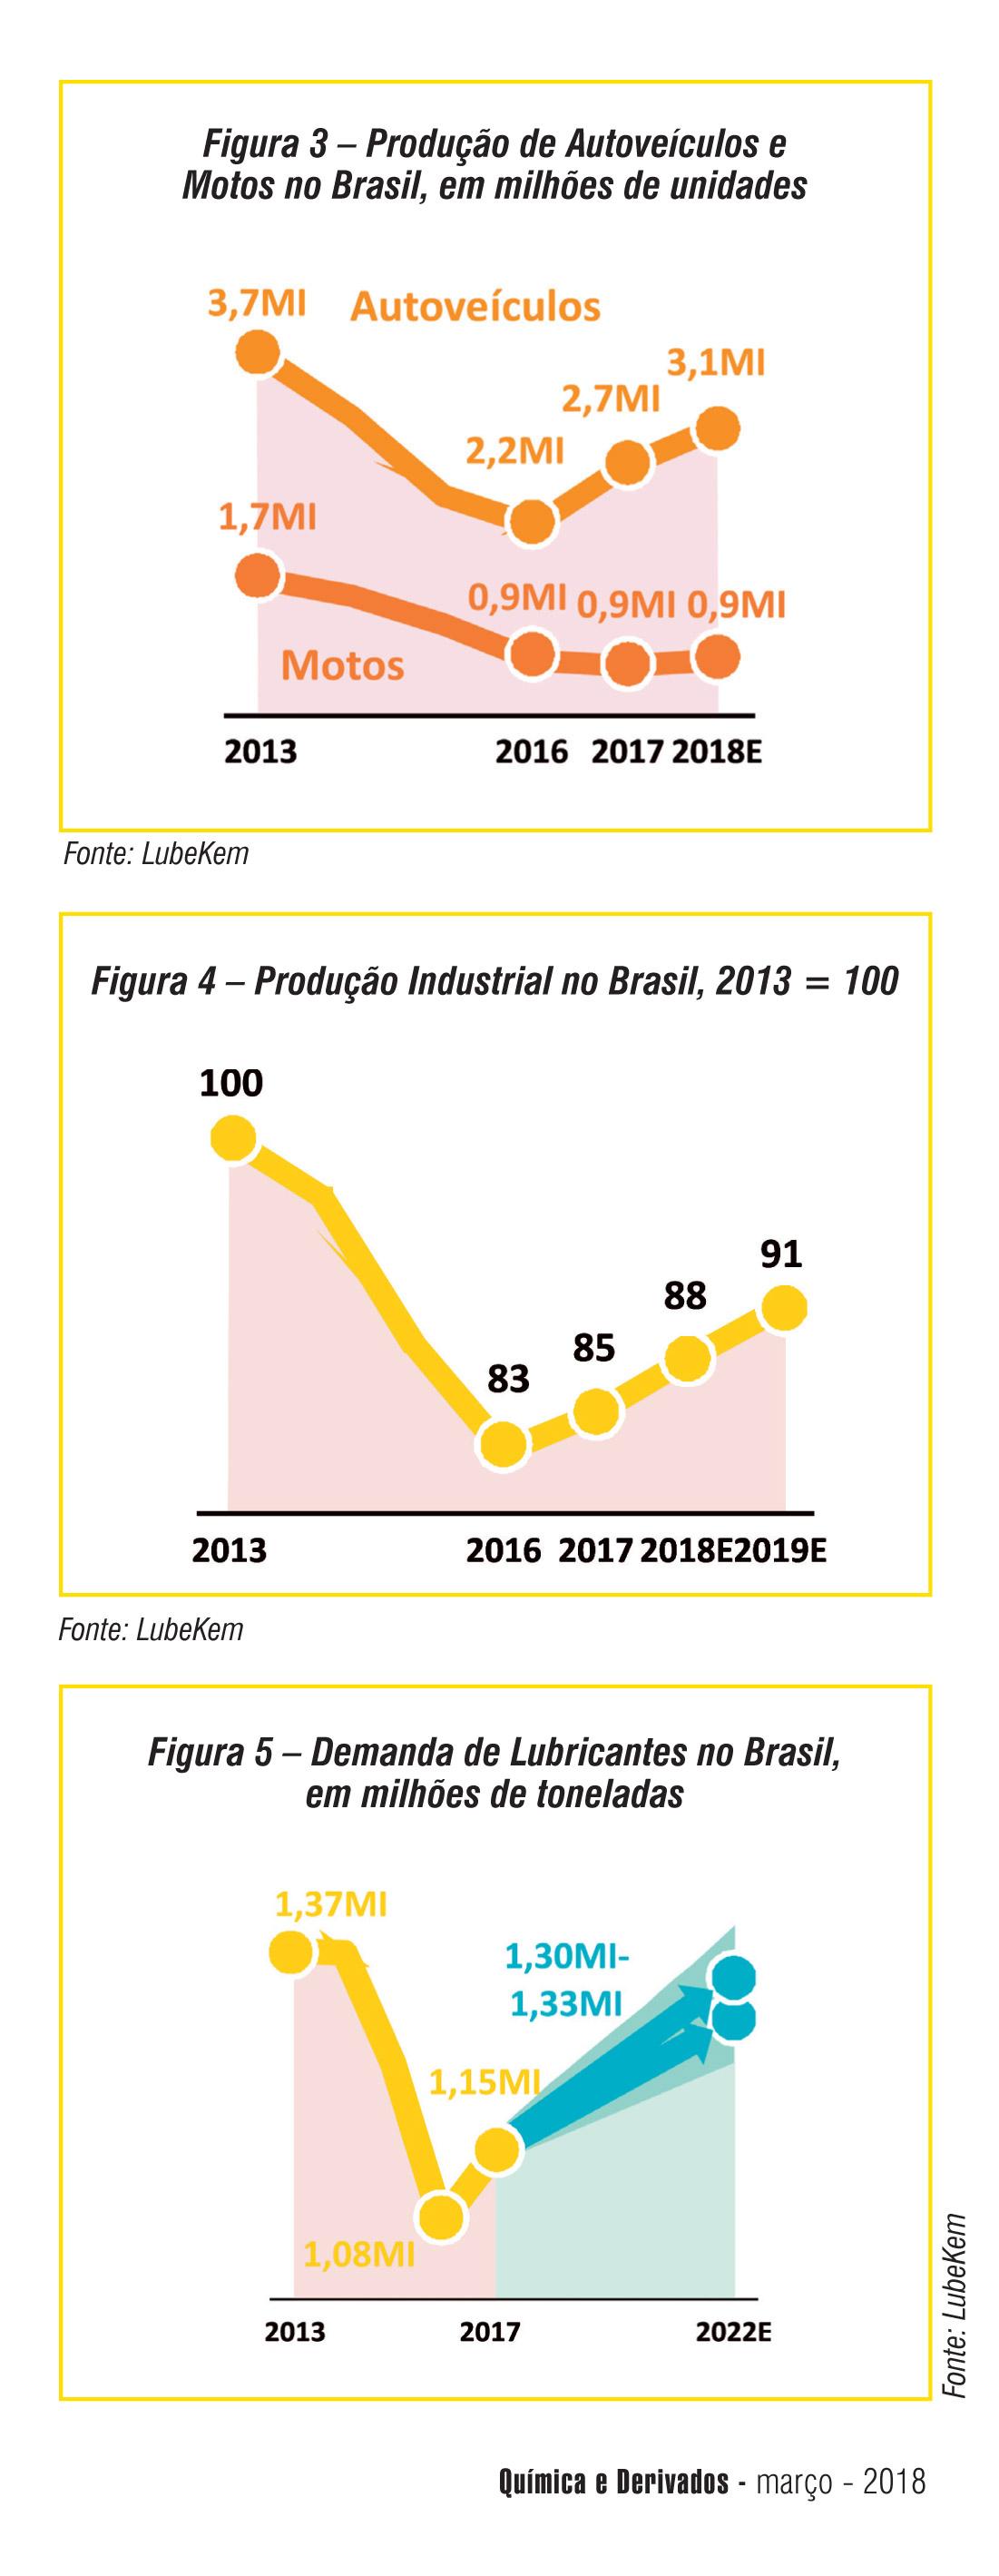 """Química e Derivados, O mercado brasileiro de lubrificantes cresceu em 2017, mas não podemos """"baixar a guarda""""..."""